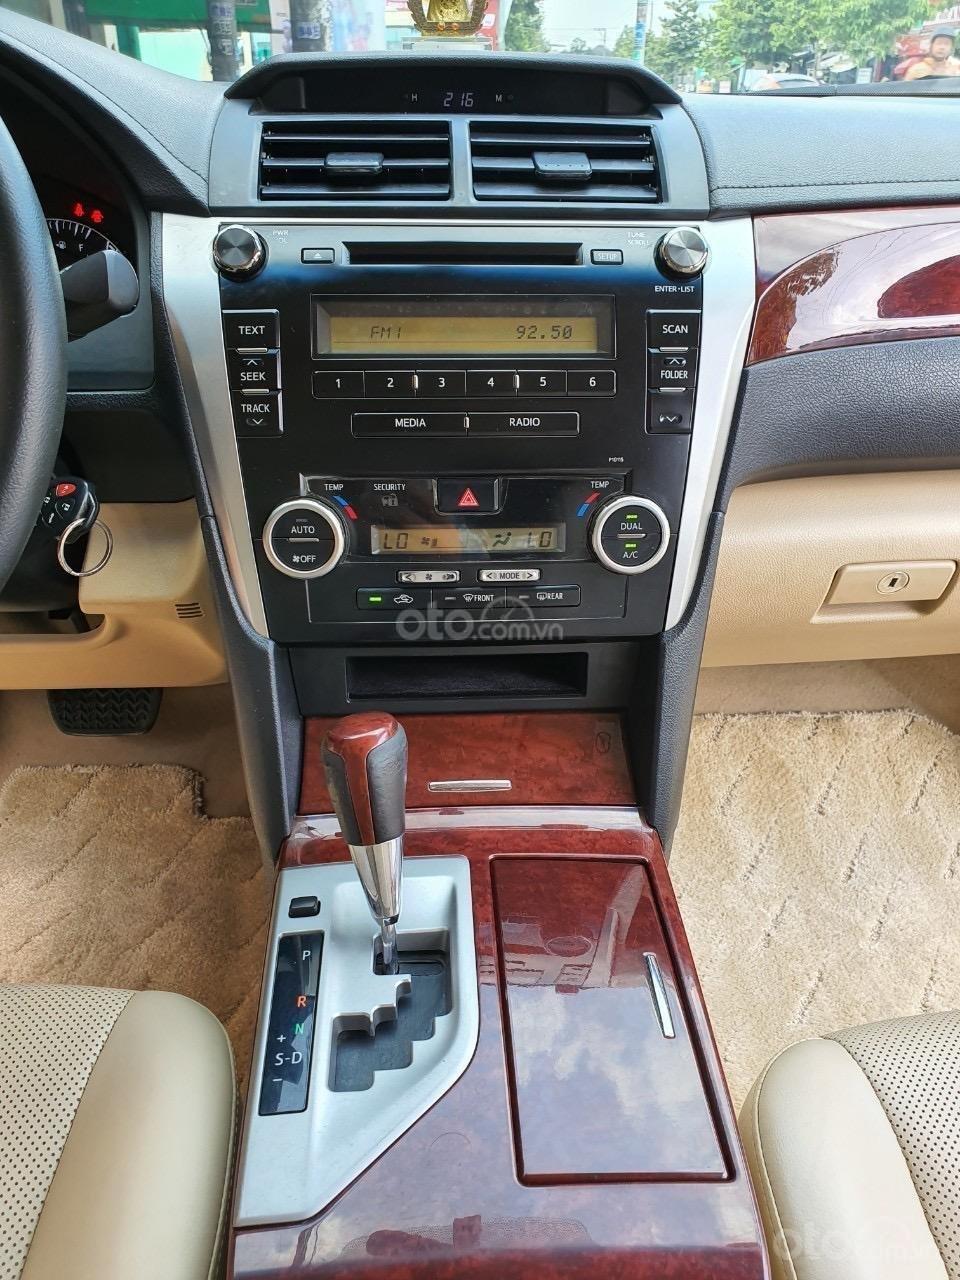 Toyota Camry 2.0E - 2013 (6)